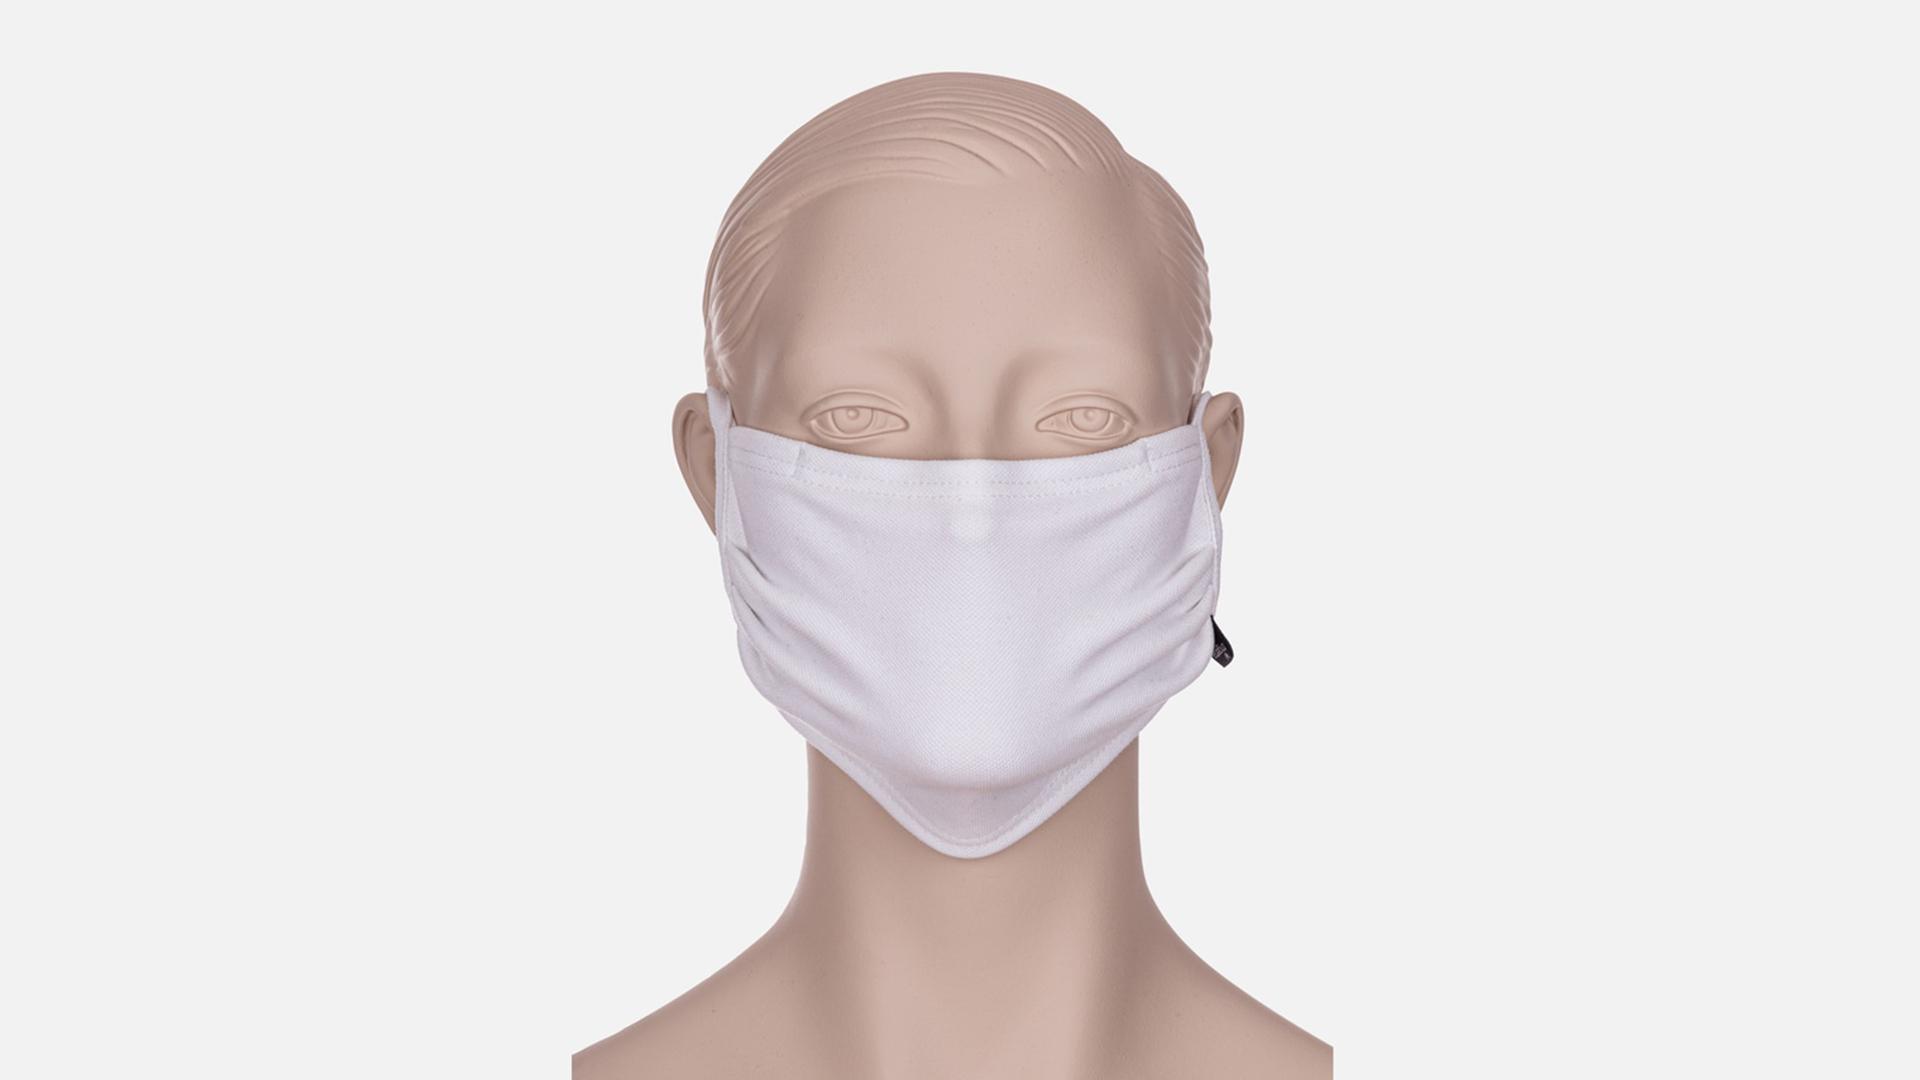 Zubehör: Trigema Wiederverwendbare Behelfs-, Mund- und Nasenmaske zum Binden, weiss